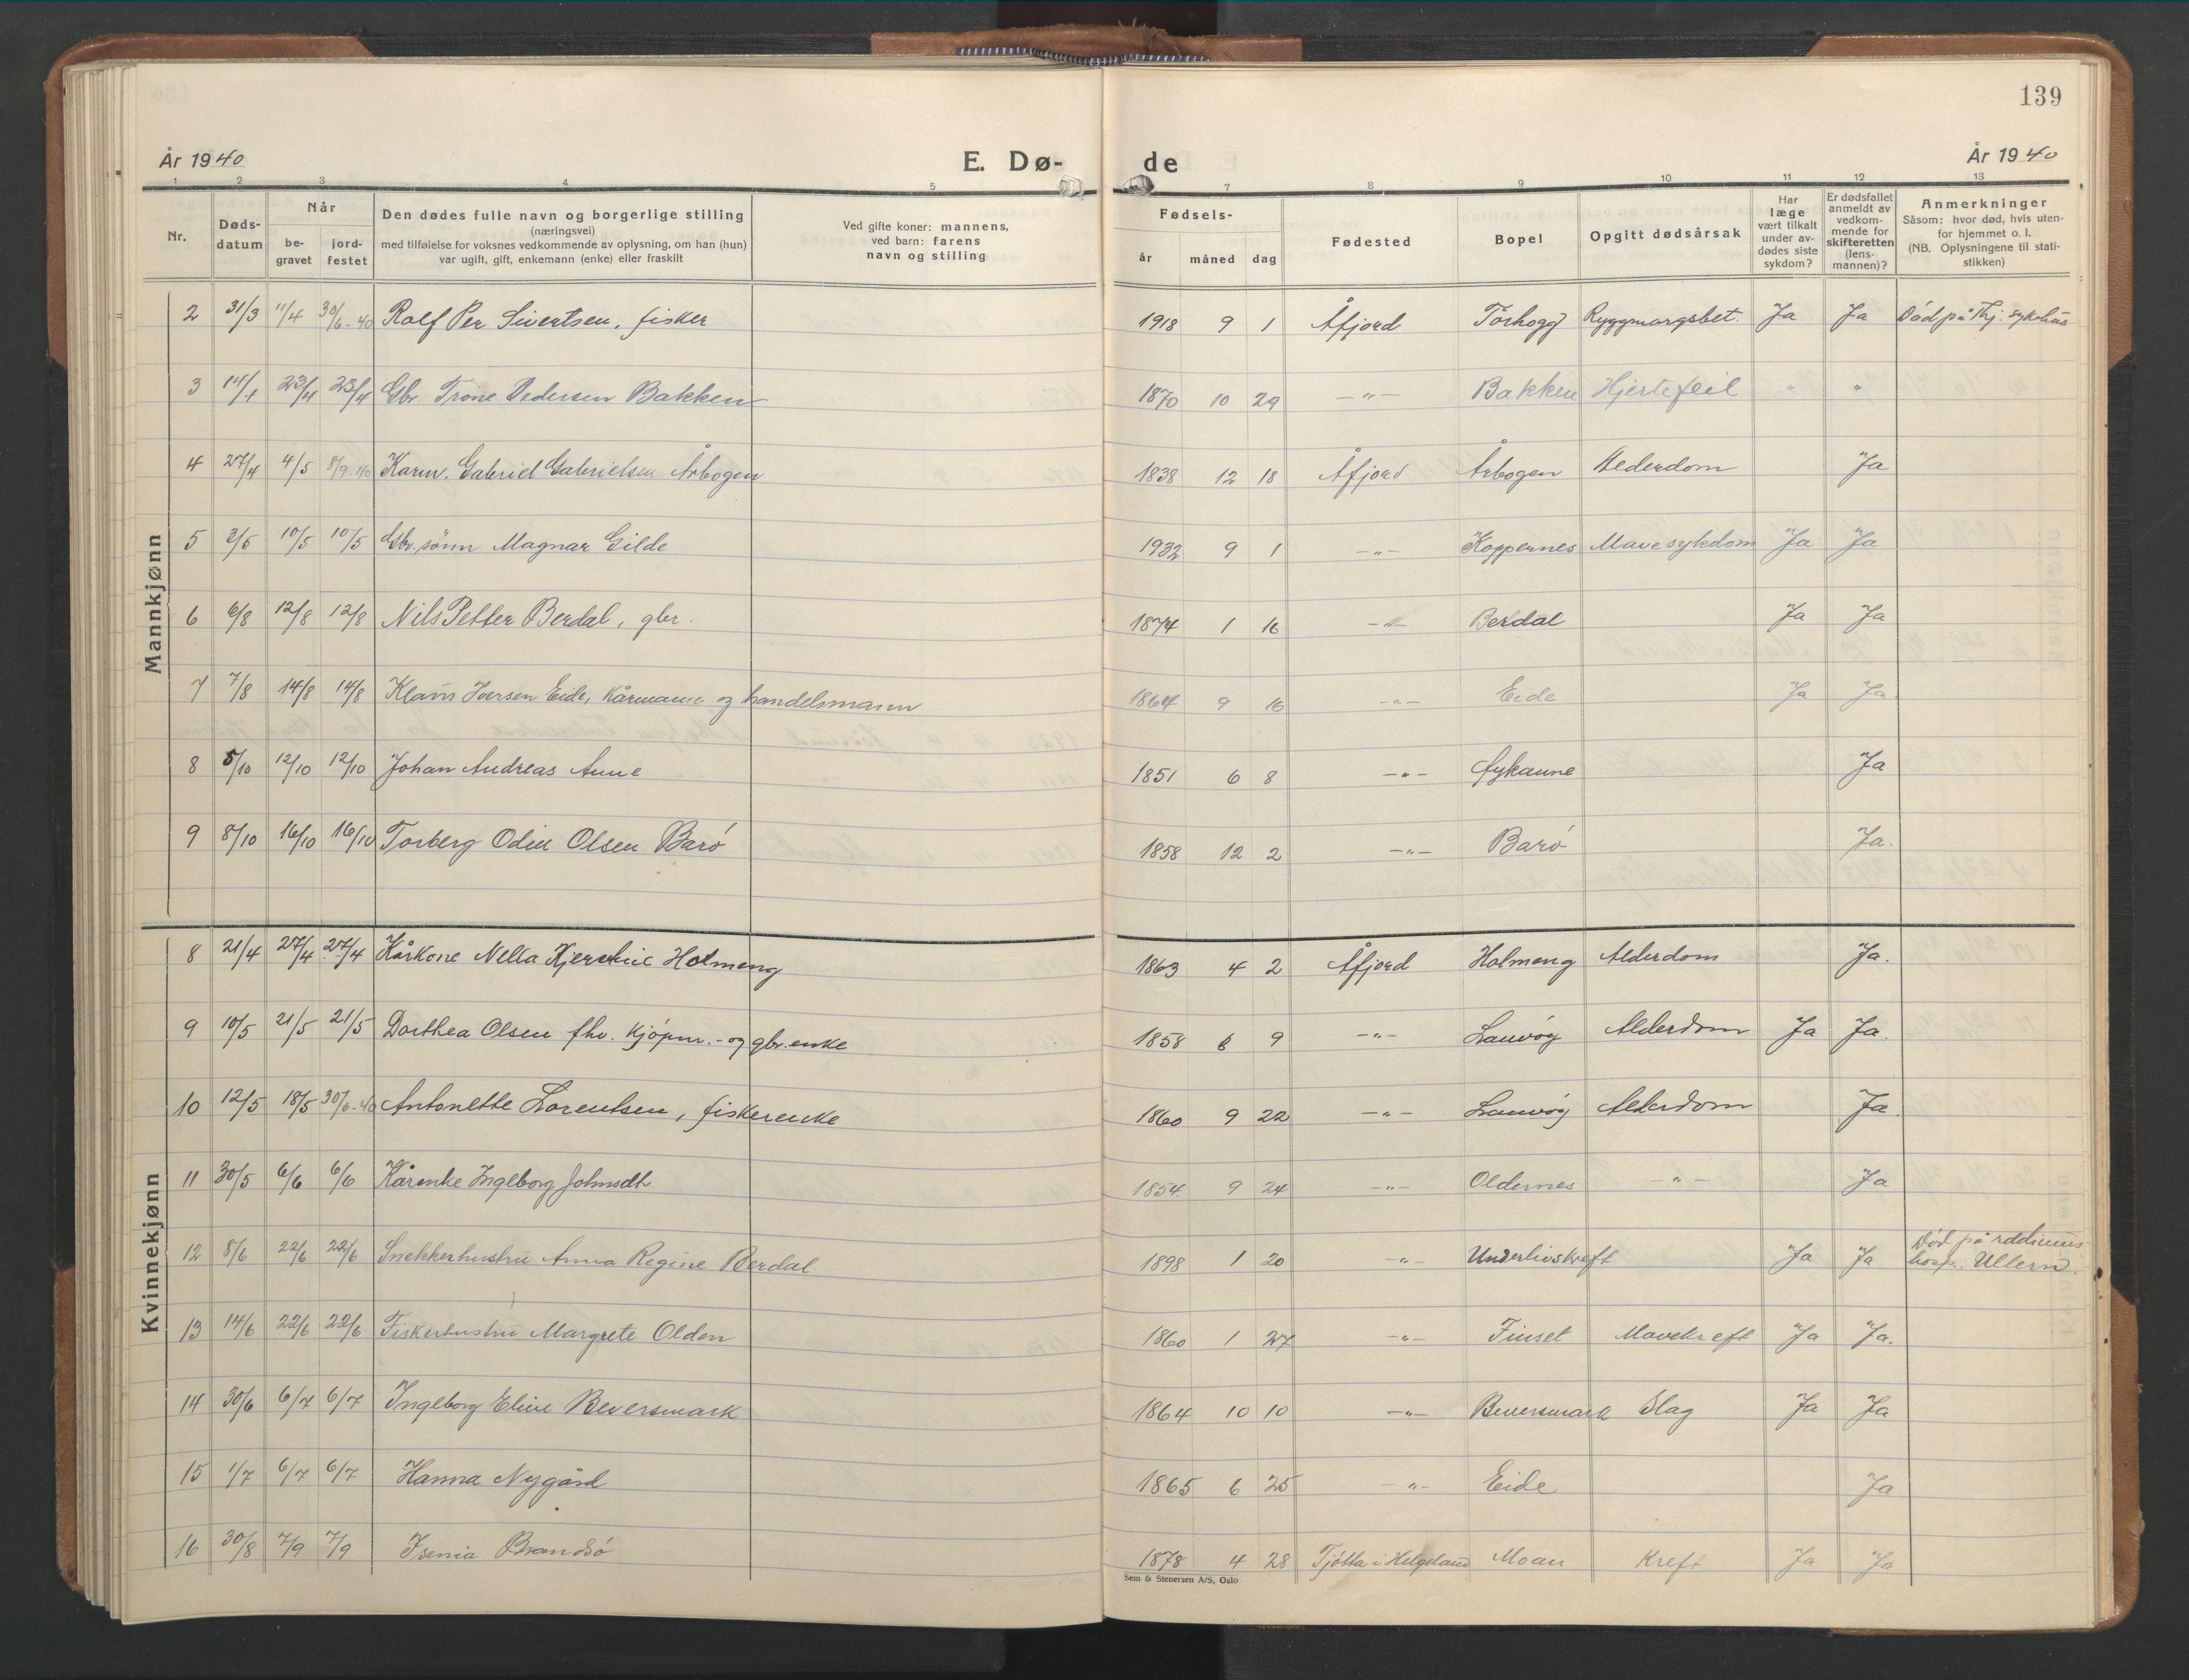 SAT, Ministerialprotokoller, klokkerbøker og fødselsregistre - Sør-Trøndelag, 655/L0690: Klokkerbok nr. 655C06, 1937-1950, s. 139